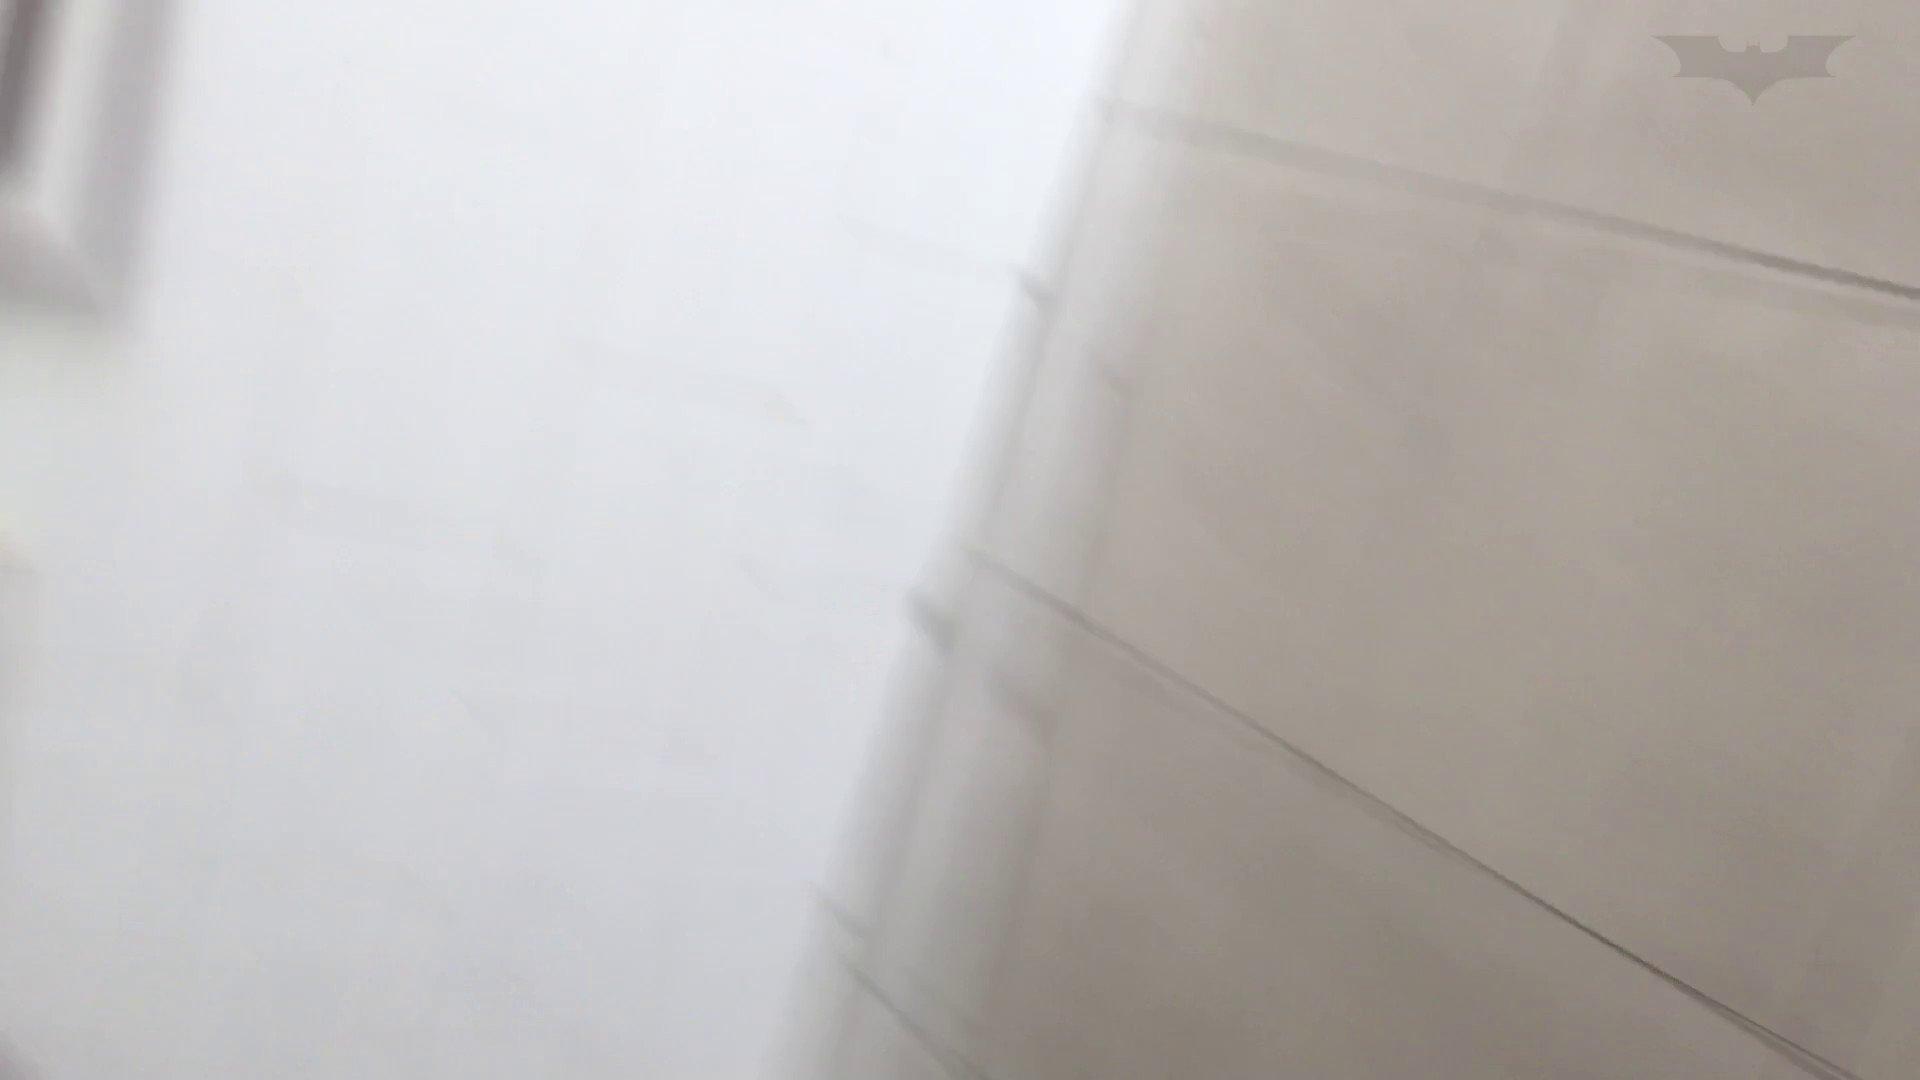 芸術大学ガチ潜入盗sati JD盗撮 美女の洗面所の秘密 Vol.95 トイレ えろ無修正画像 72pic 6